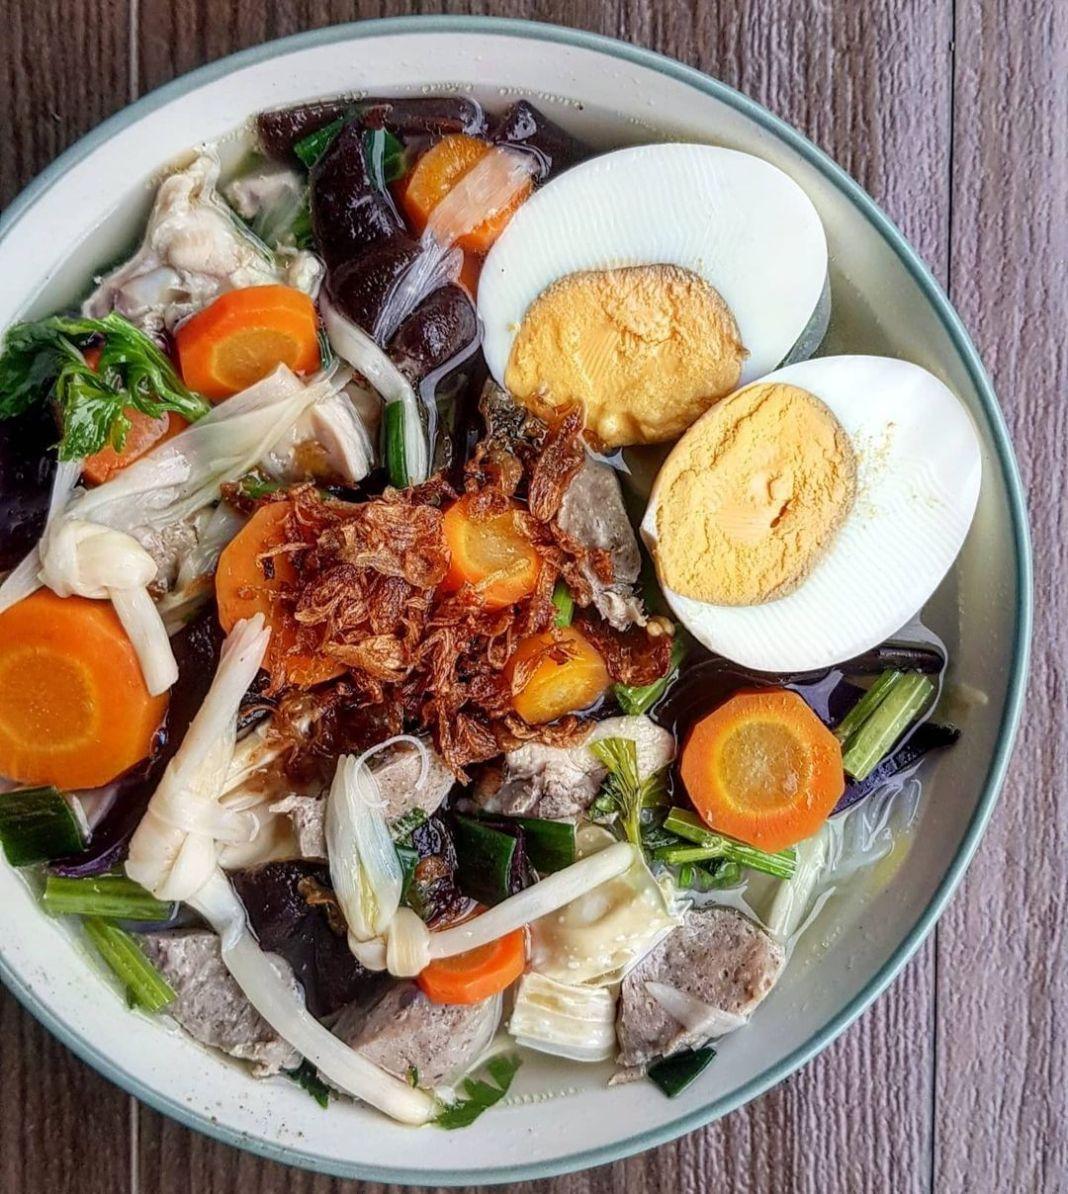 Info kuliner, Sup yang banyak ada di kondangan yuk, sekarang cobain bikin di rumah ya!  SUP KIMLO  Bahan : 3 …